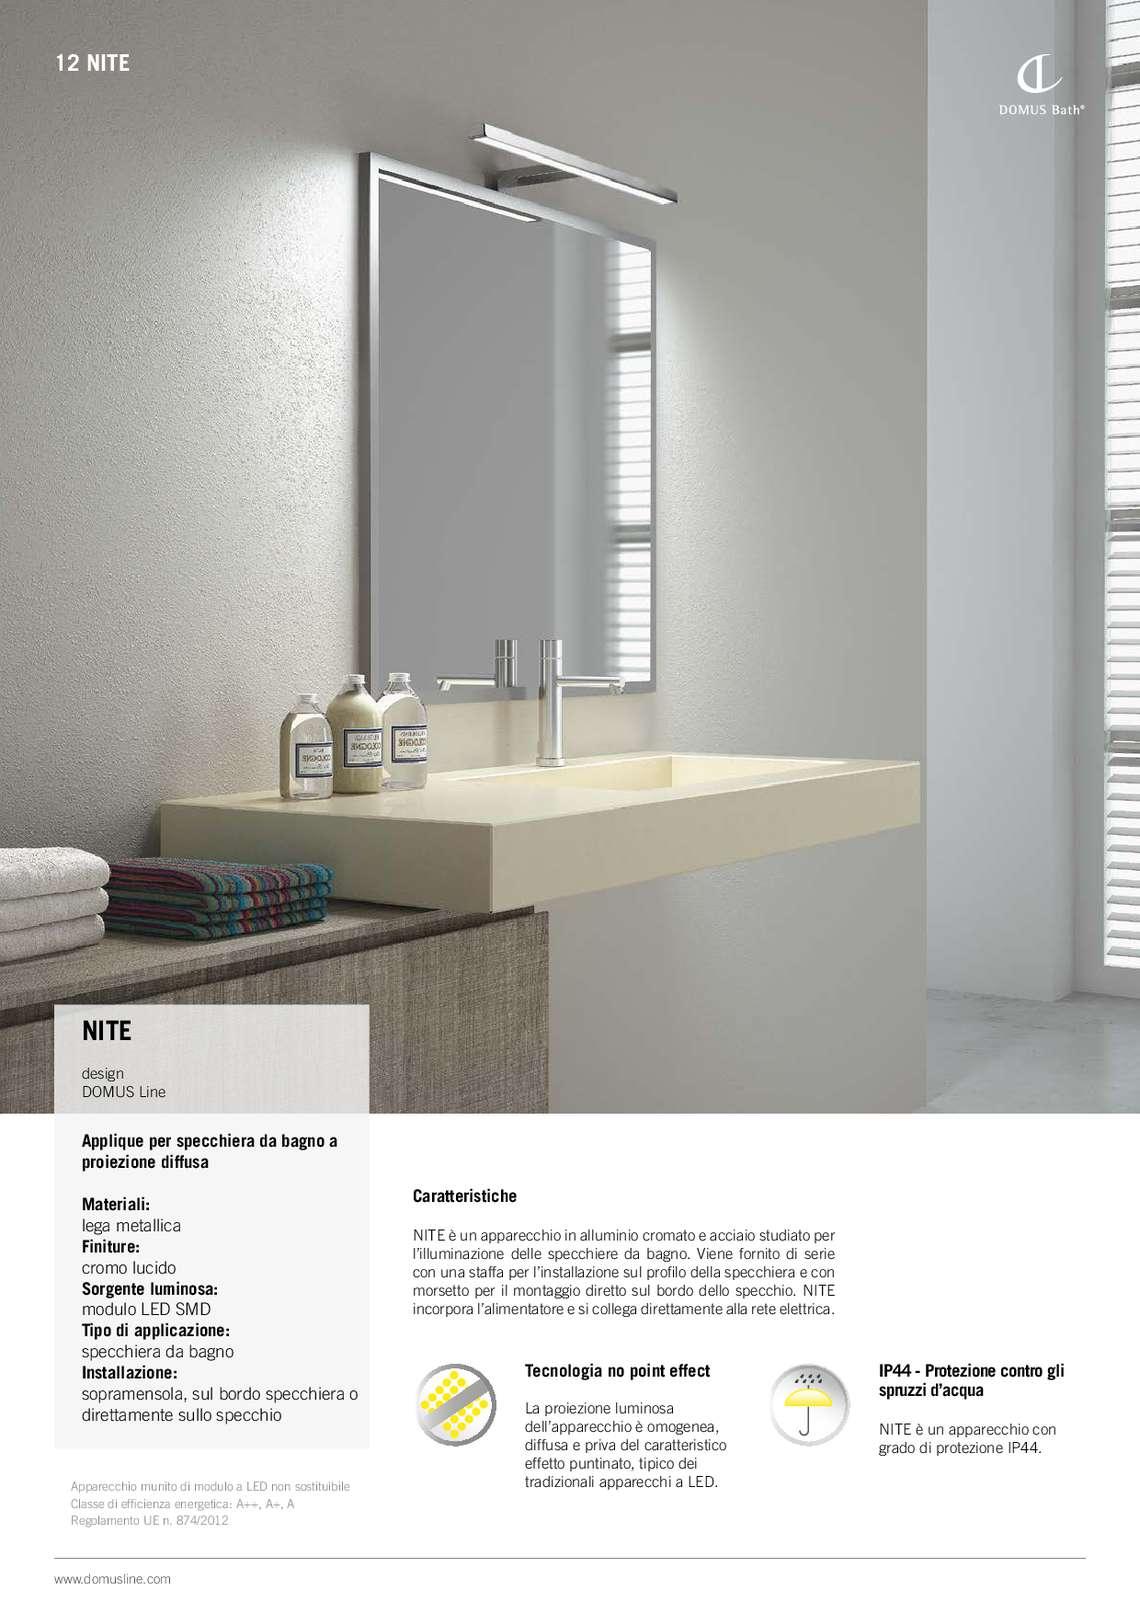 Catalogo domus line bath di domus line s r l illuminazione a led per mobili - Illuminazione a led per mobili ...